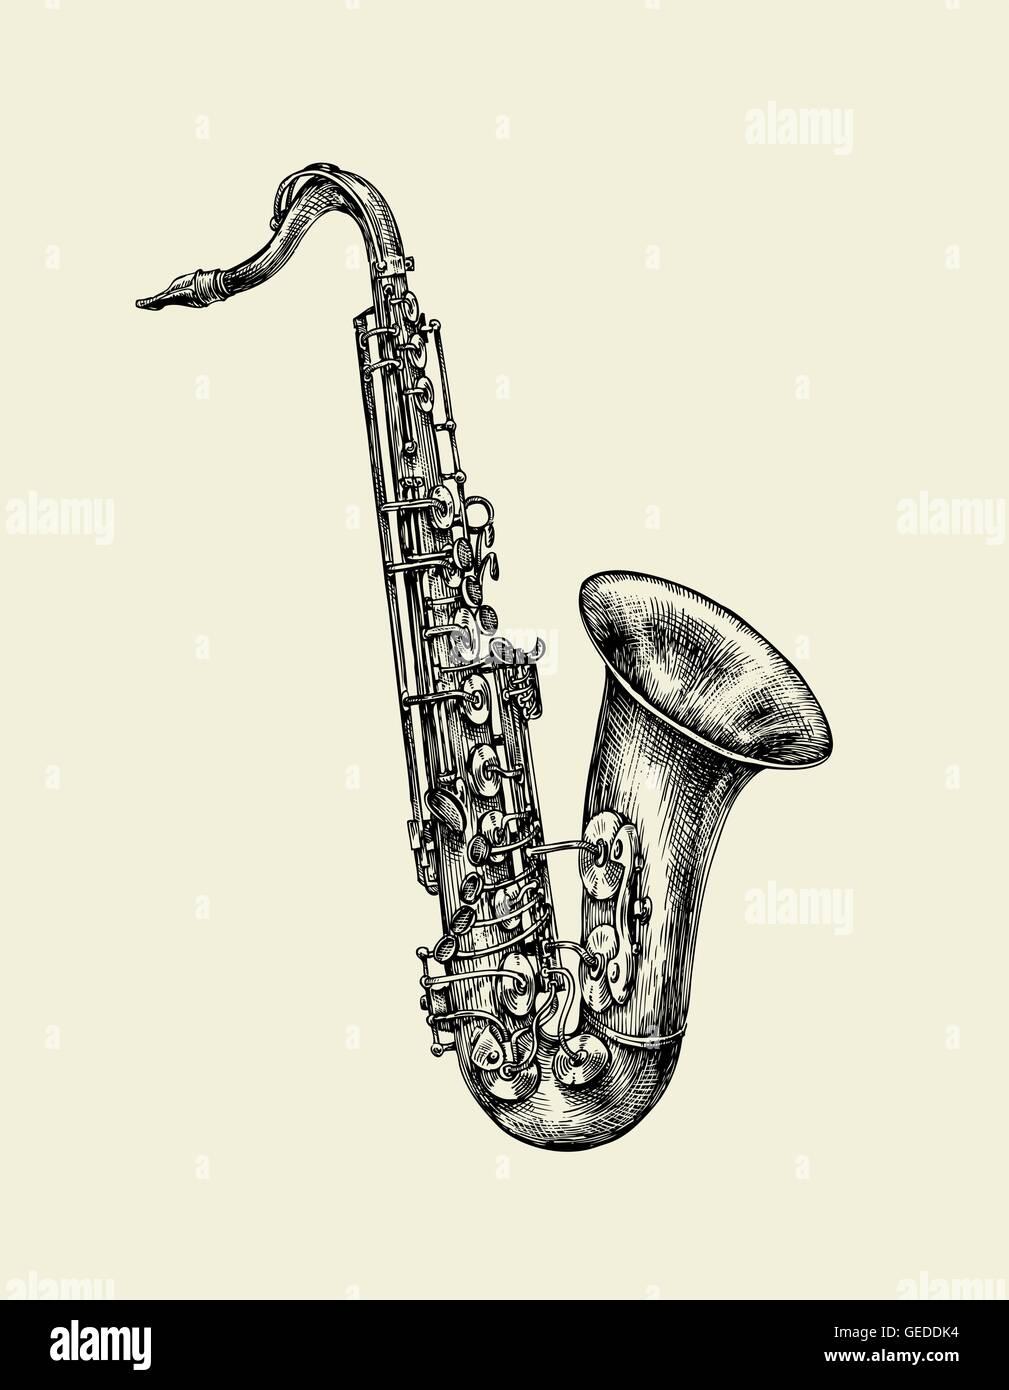 Melodic Jazz (Instrumental) on Spotify